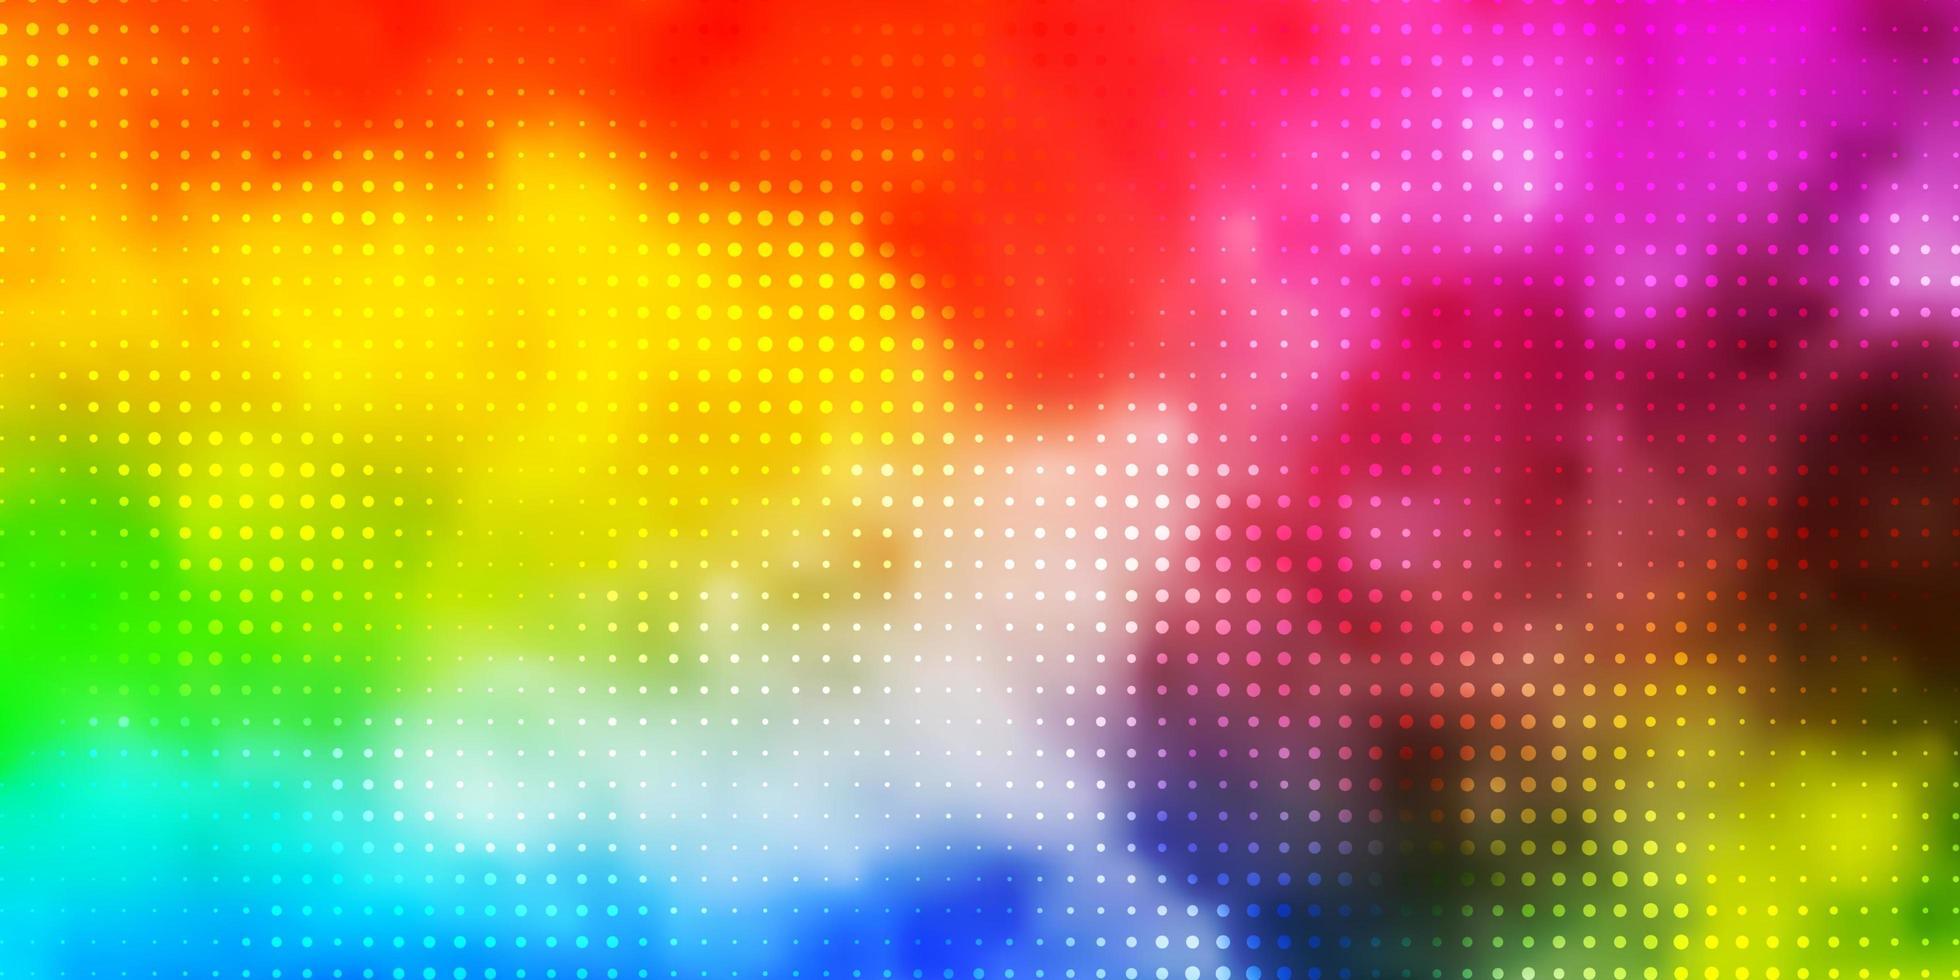 licht veelkleurige vectortextuur met cirkels. vector